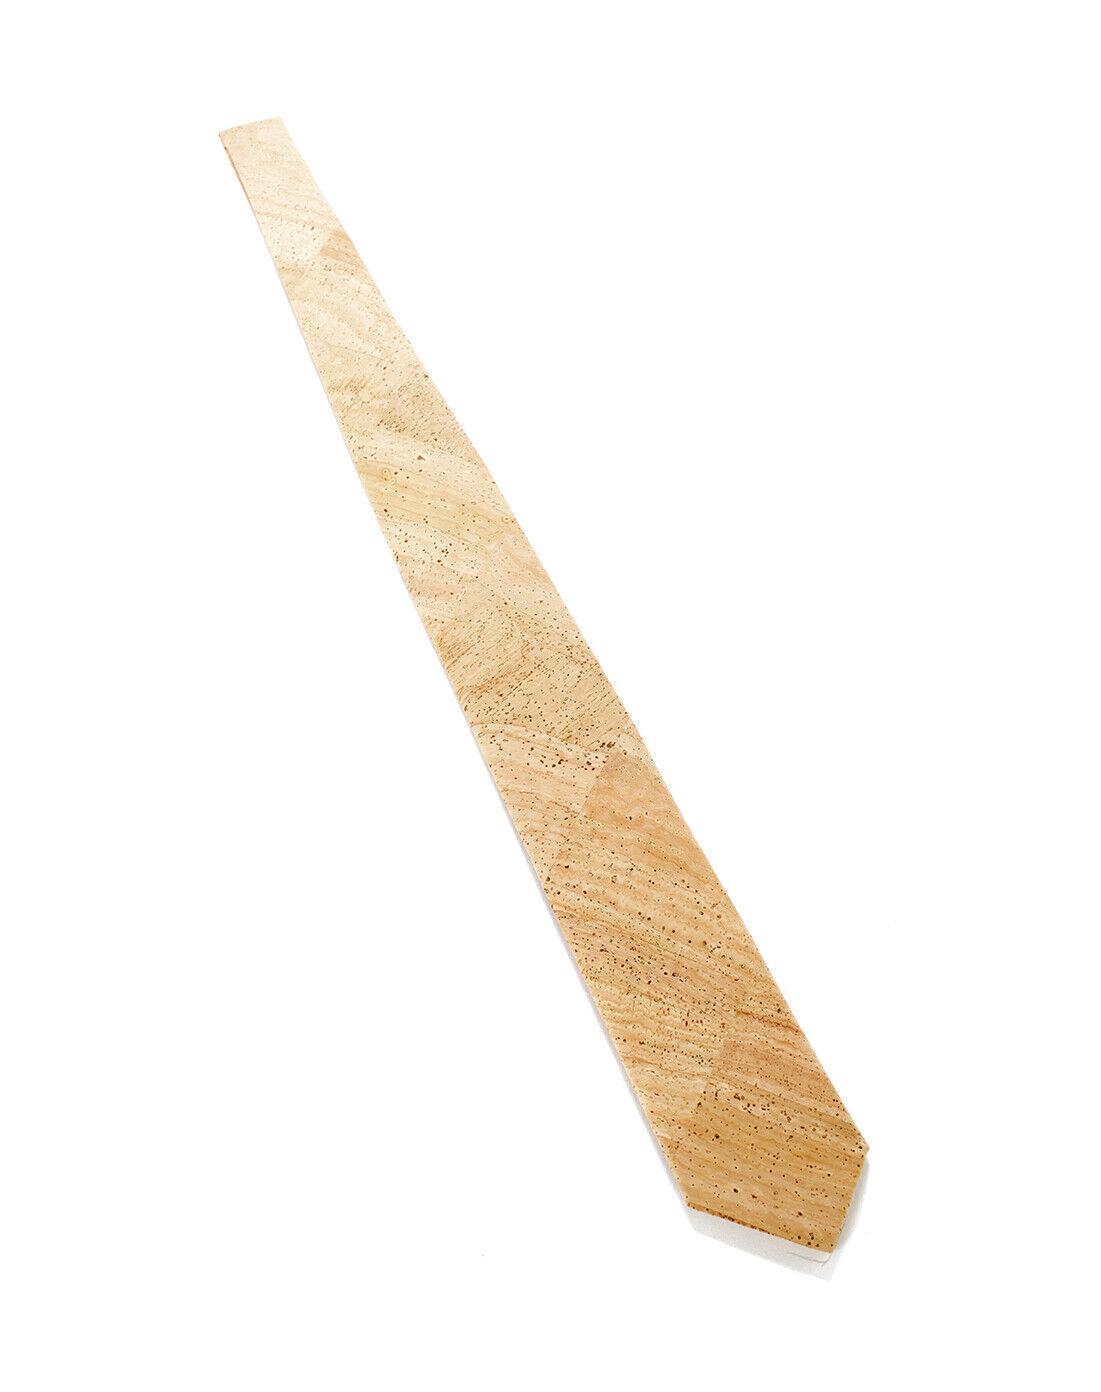 Kork-Krawatte für Herren   Hergestellt in Portugal, nicht Asien   Krawatte Kork